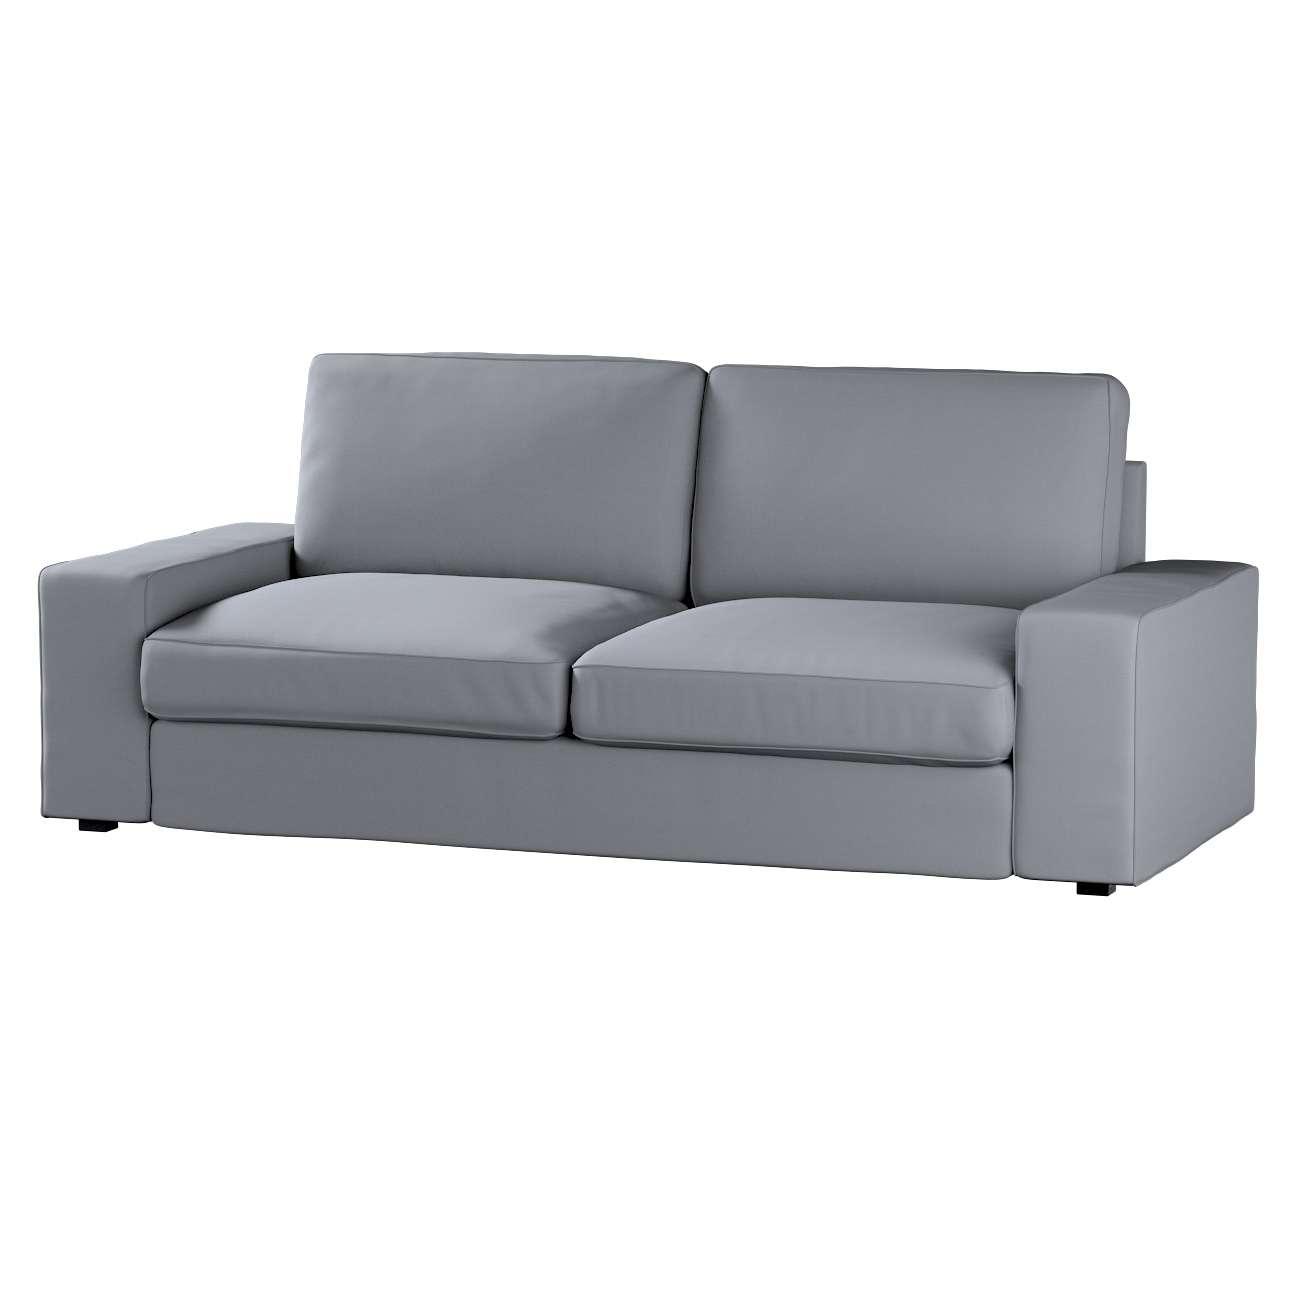 KIVIK trivietės sofos užvalkalas Kivik 3-seat sofa kolekcijoje Cotton Panama, audinys: 702-07